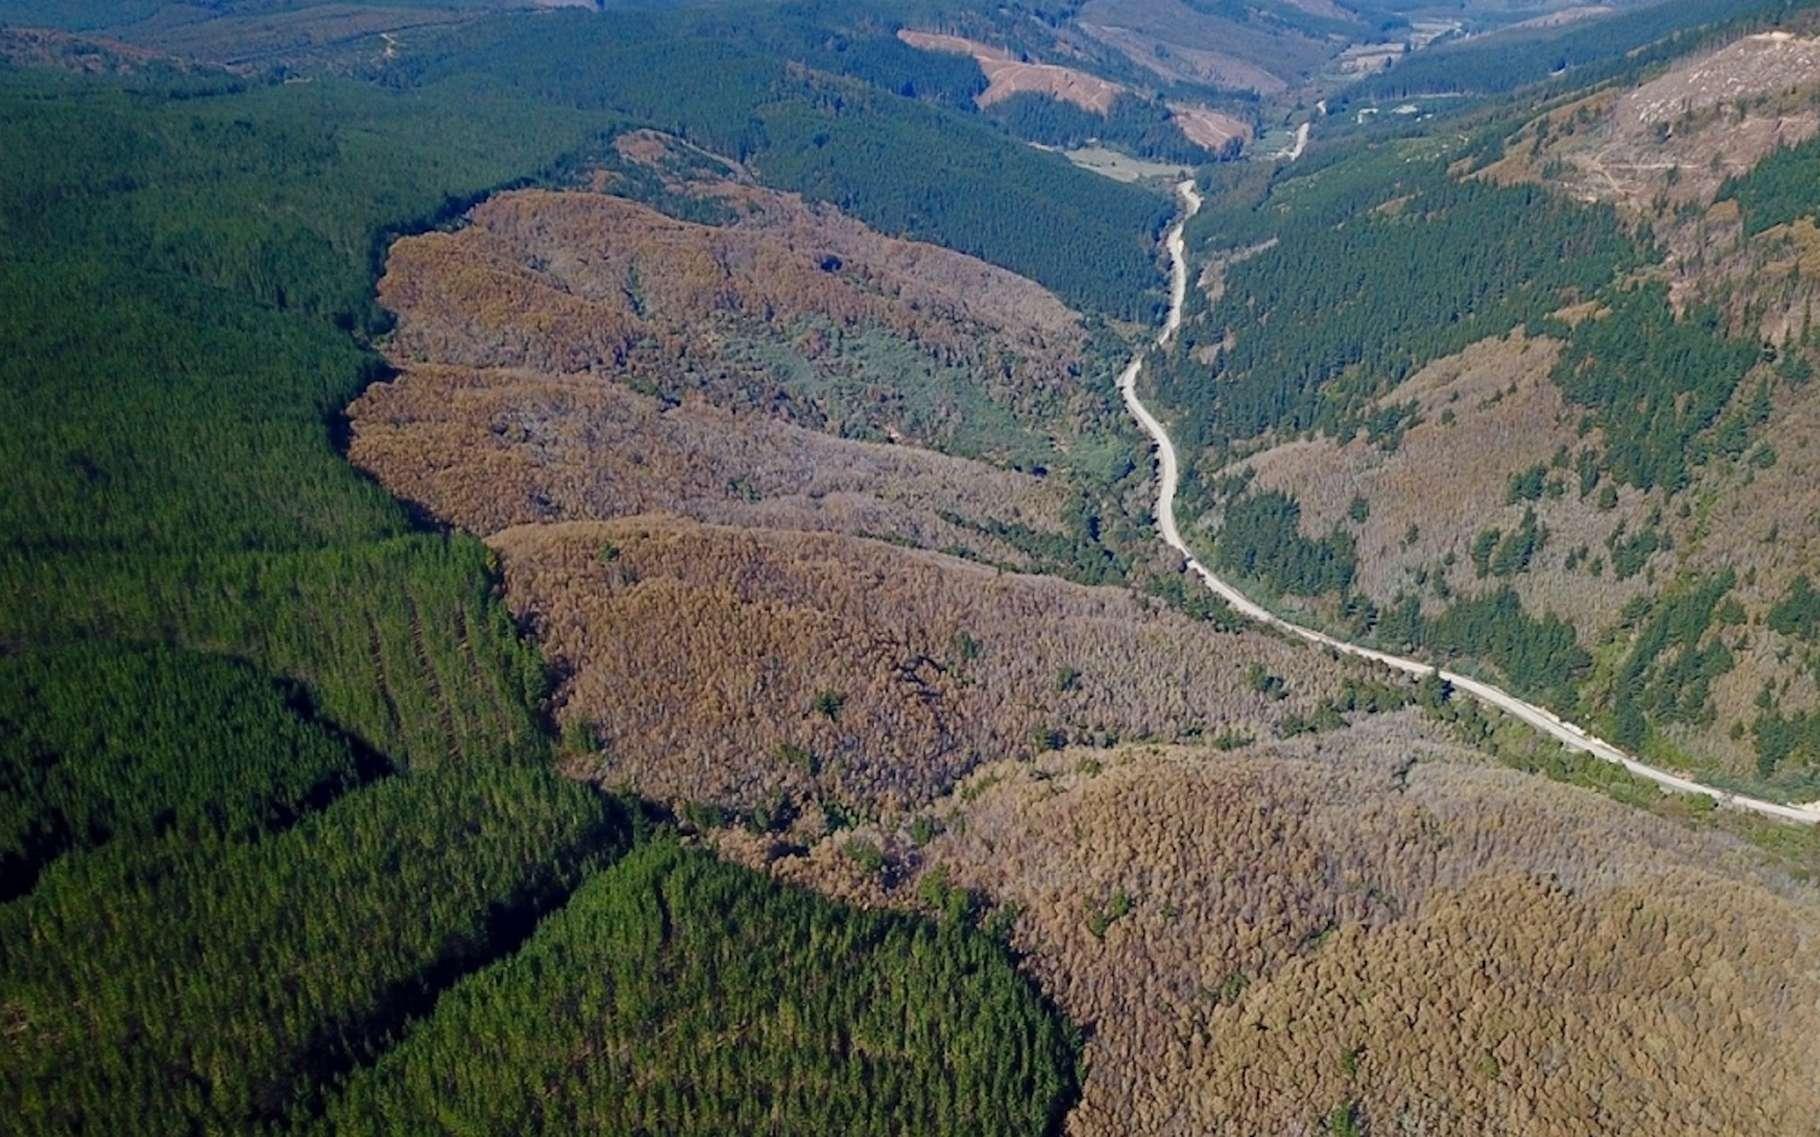 Les derniers vestiges des forêts chiliennes indigènes, entourées de plantations d'arbres. Le résultat d'une politique non maîtrisée qui, selon des chercheurs de l'université de Stanford (États-Unis), manque ses objectifs de préservation de biodiversité et de stockage de CO2. © Cristian Echeverria, Université de Concepcion